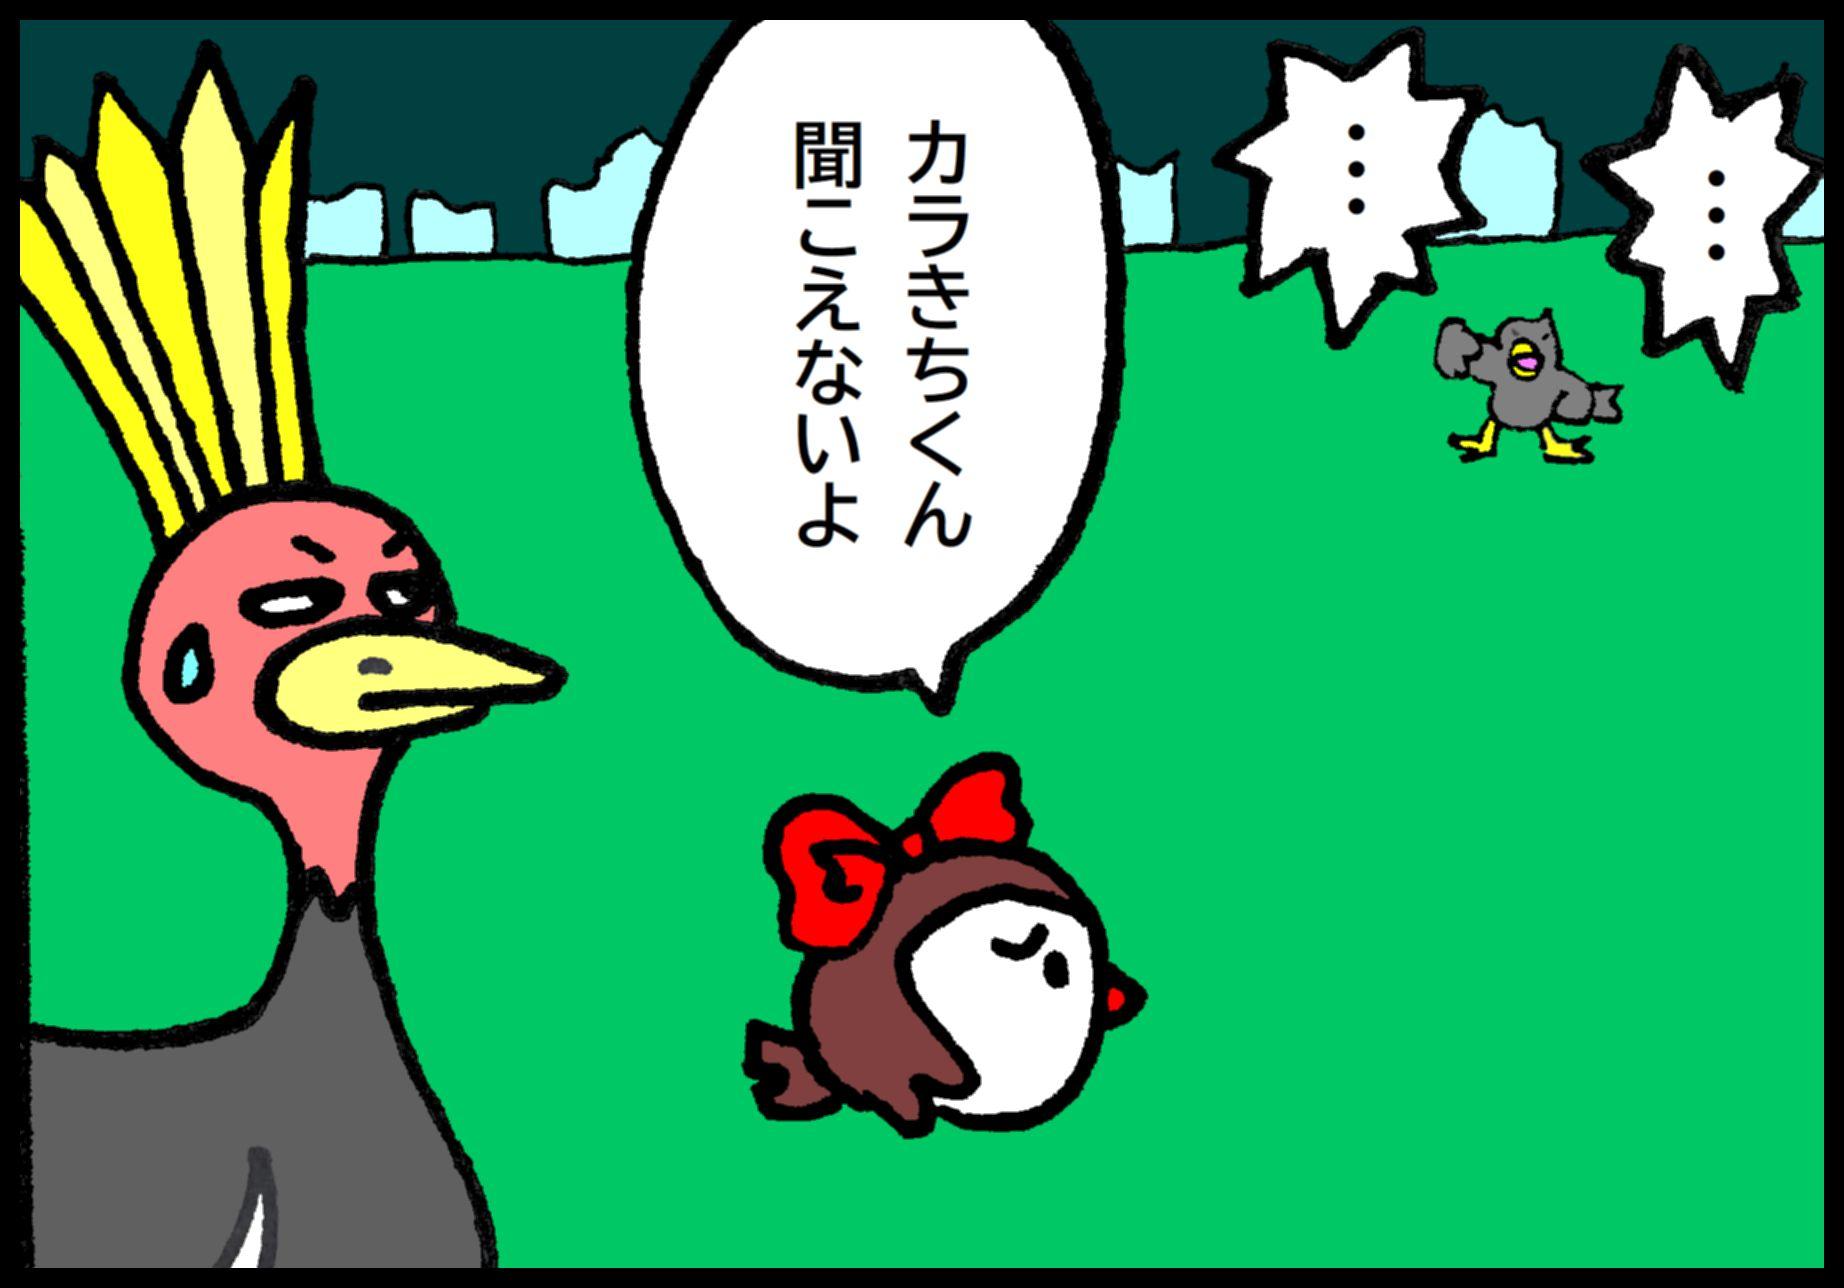 『夕やけちょこ』その38「出てけよ!」(4)